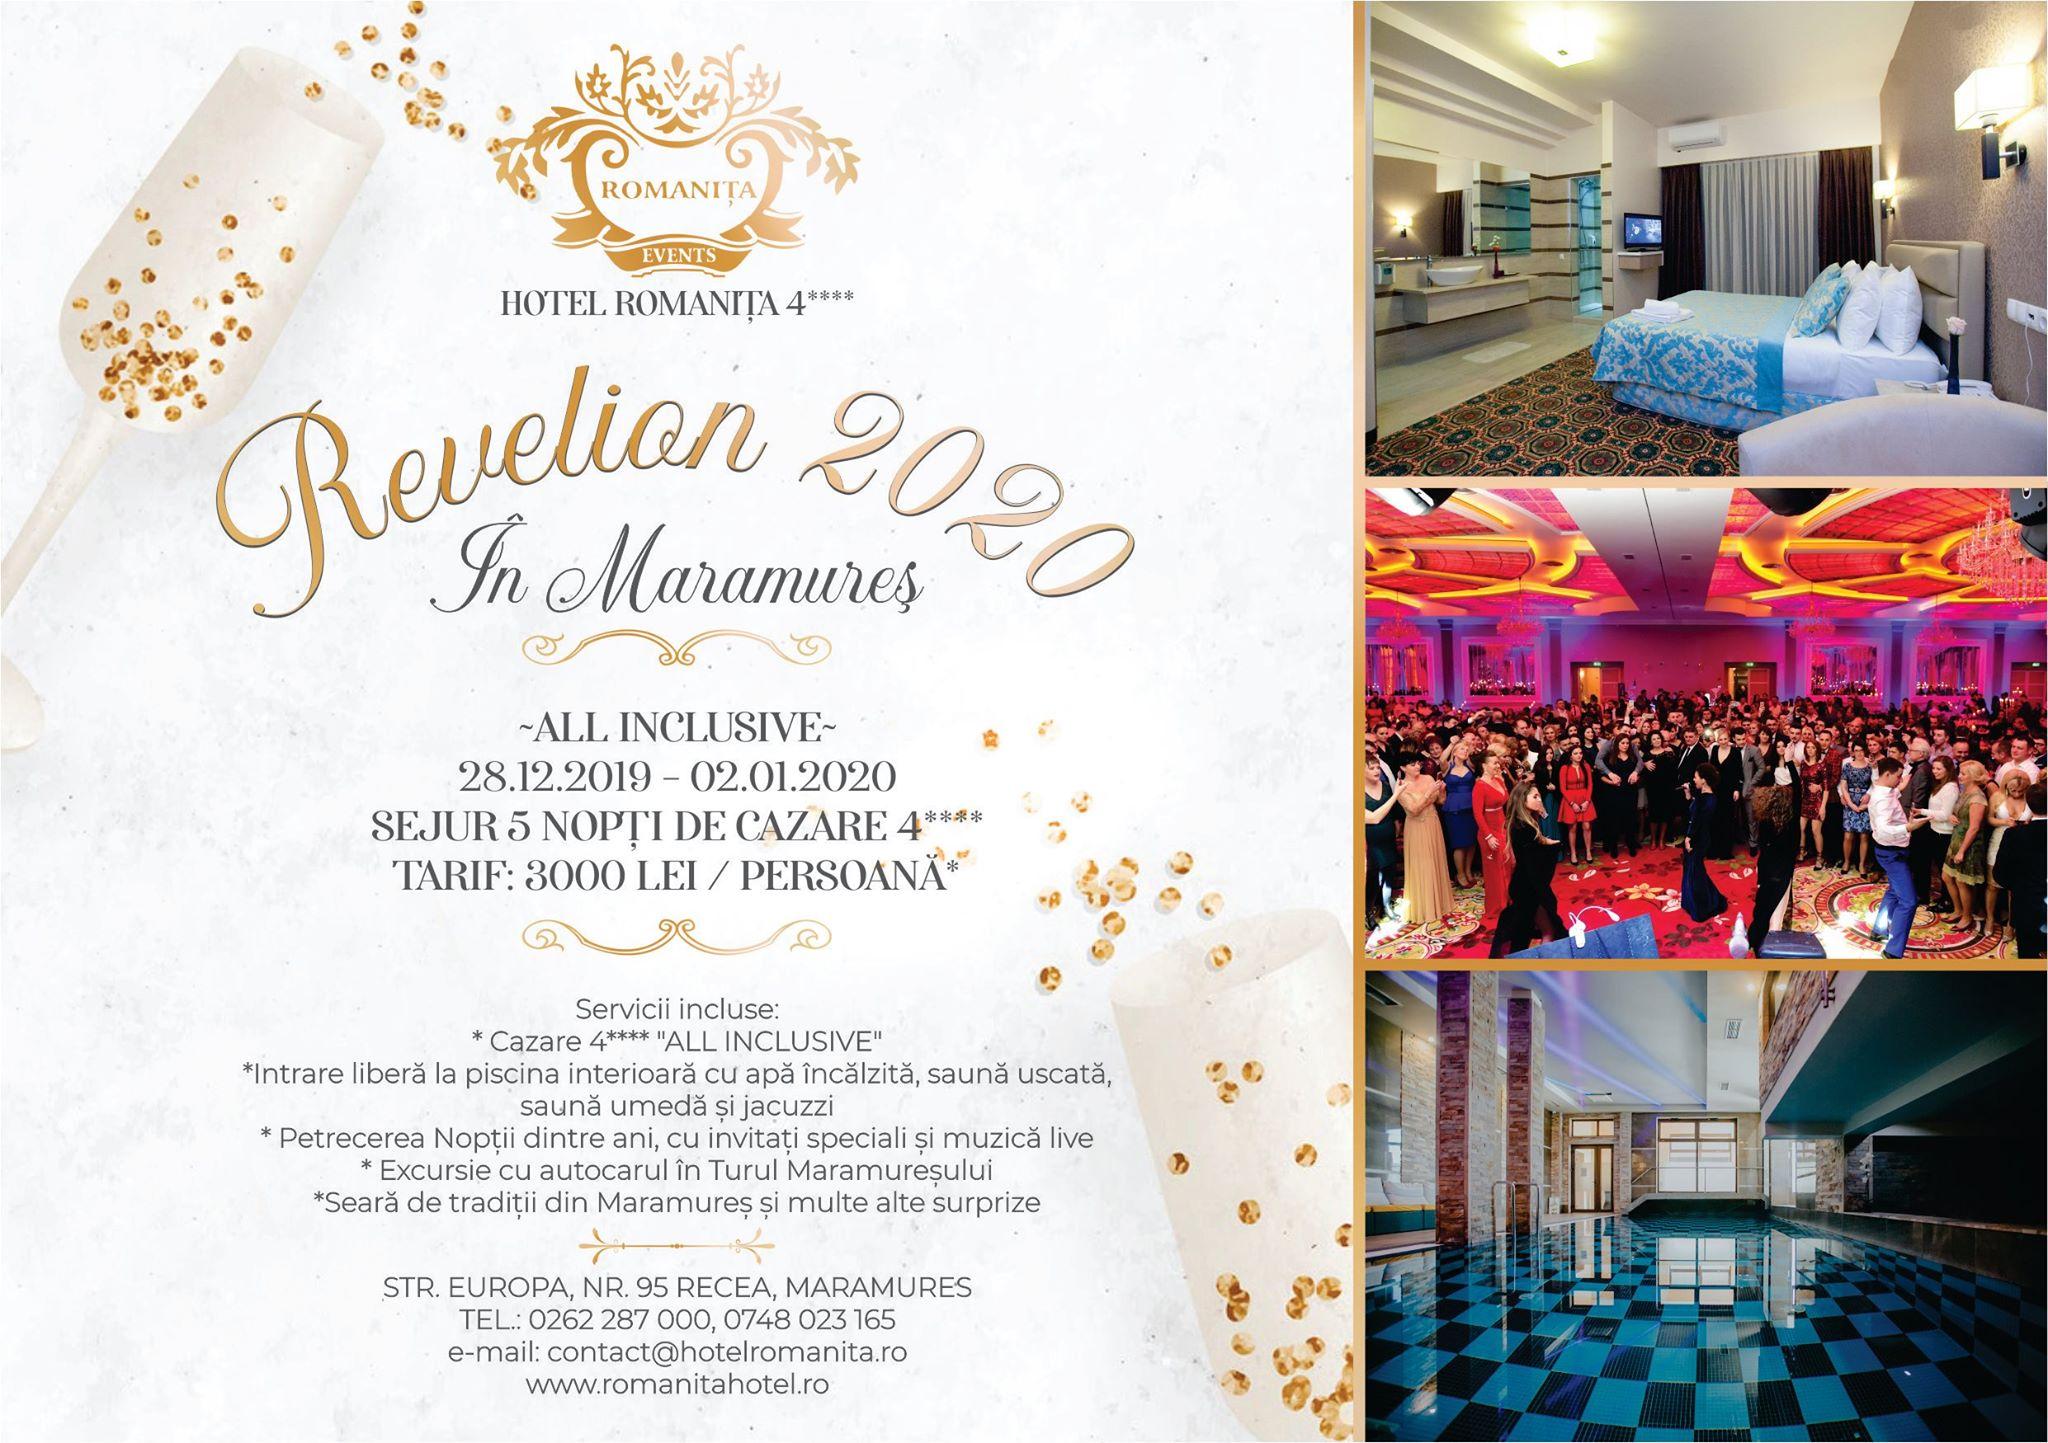 Revelion 2020 in Maramures - Romanita -1